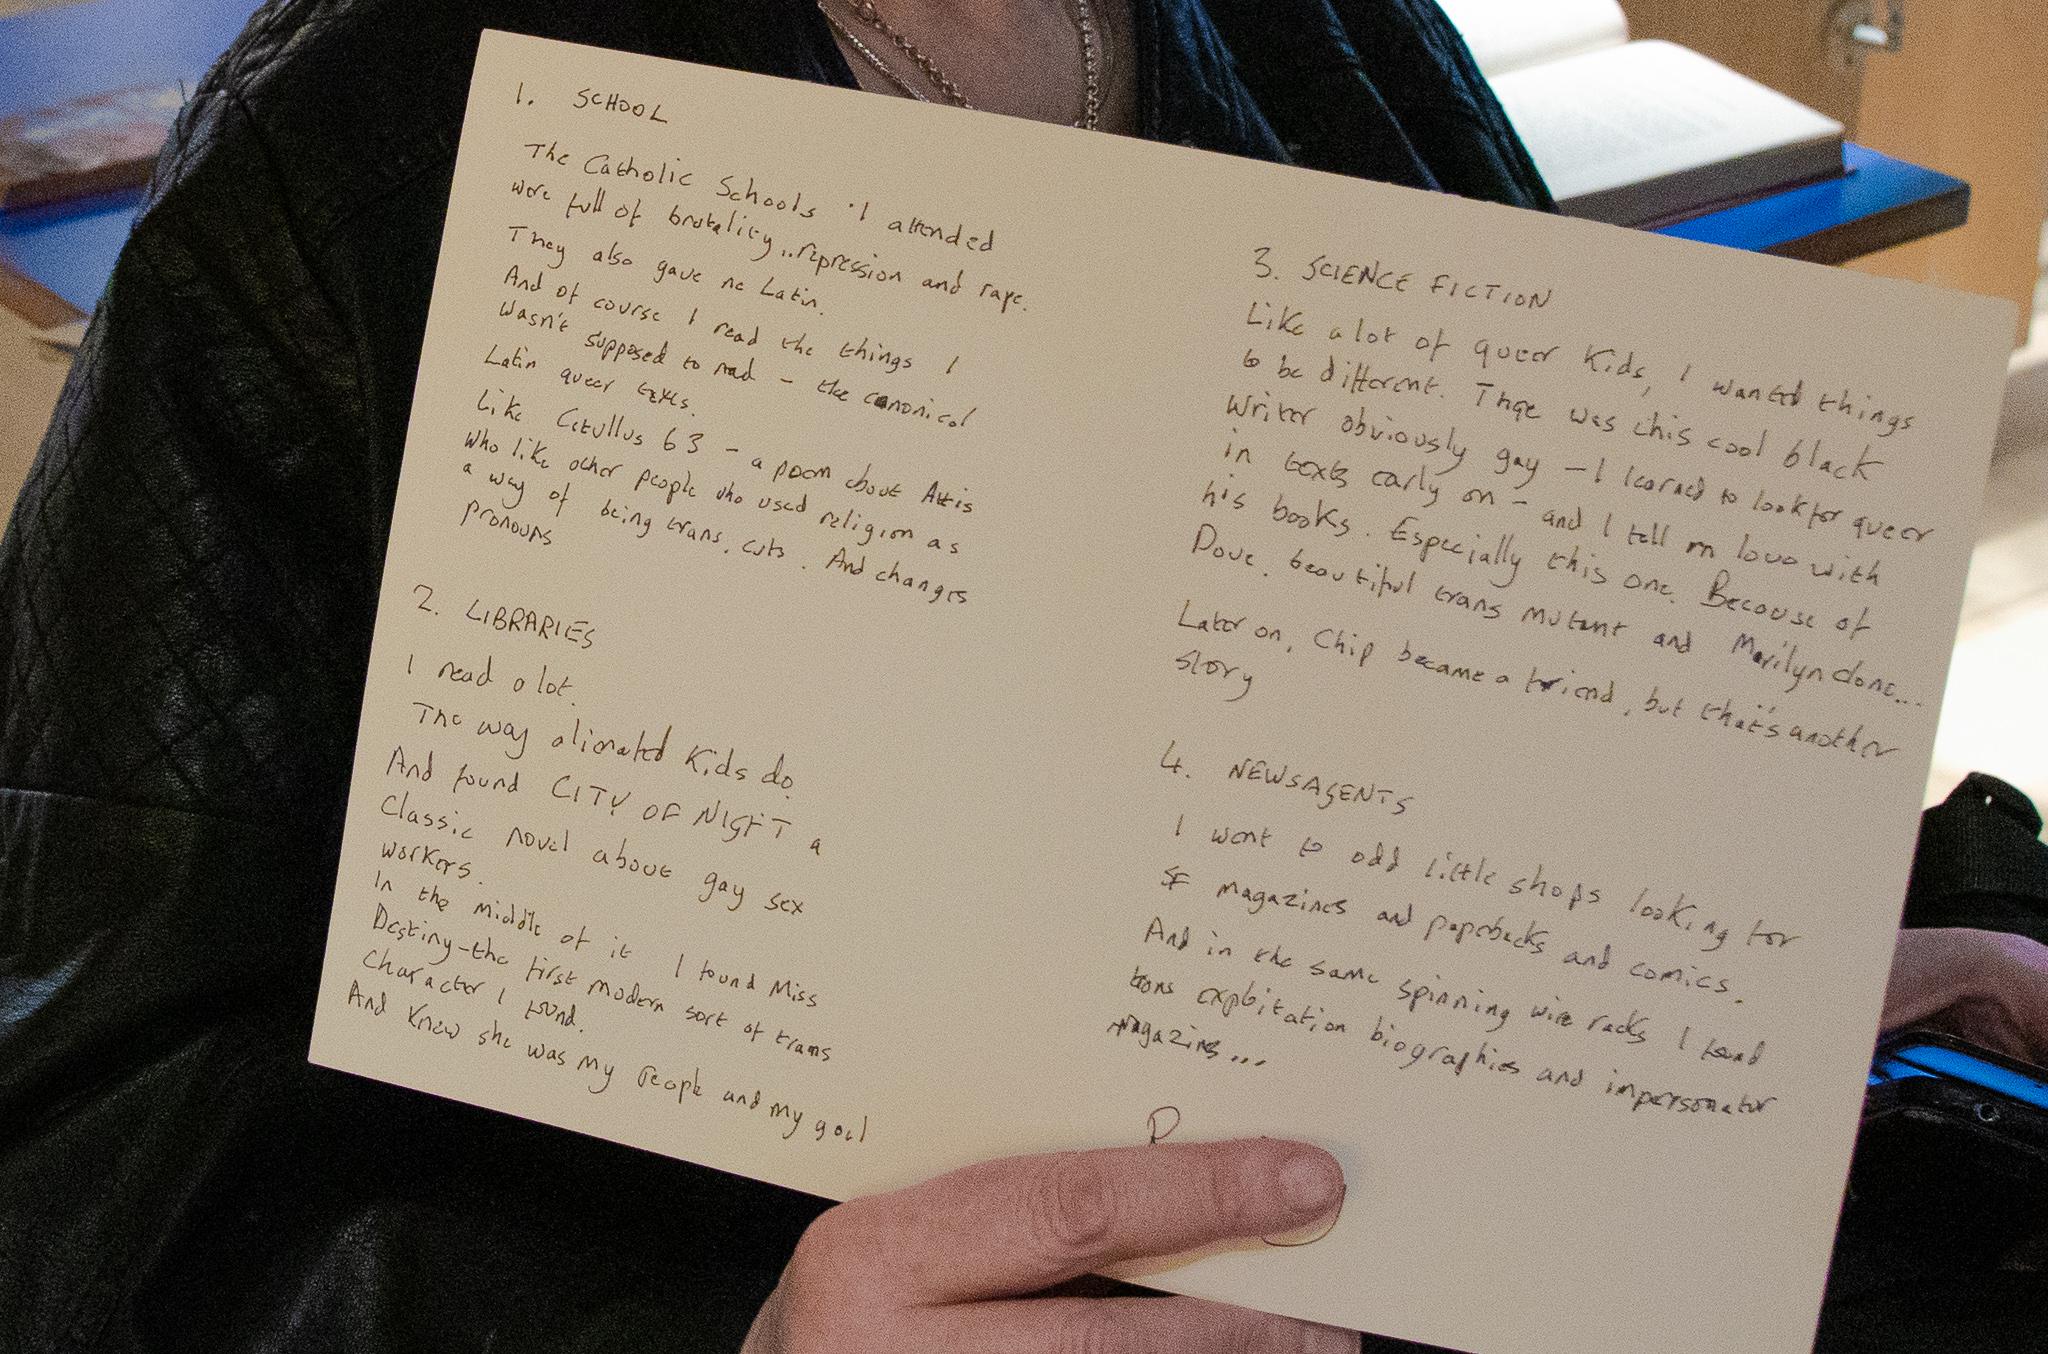 close up of handwritten text